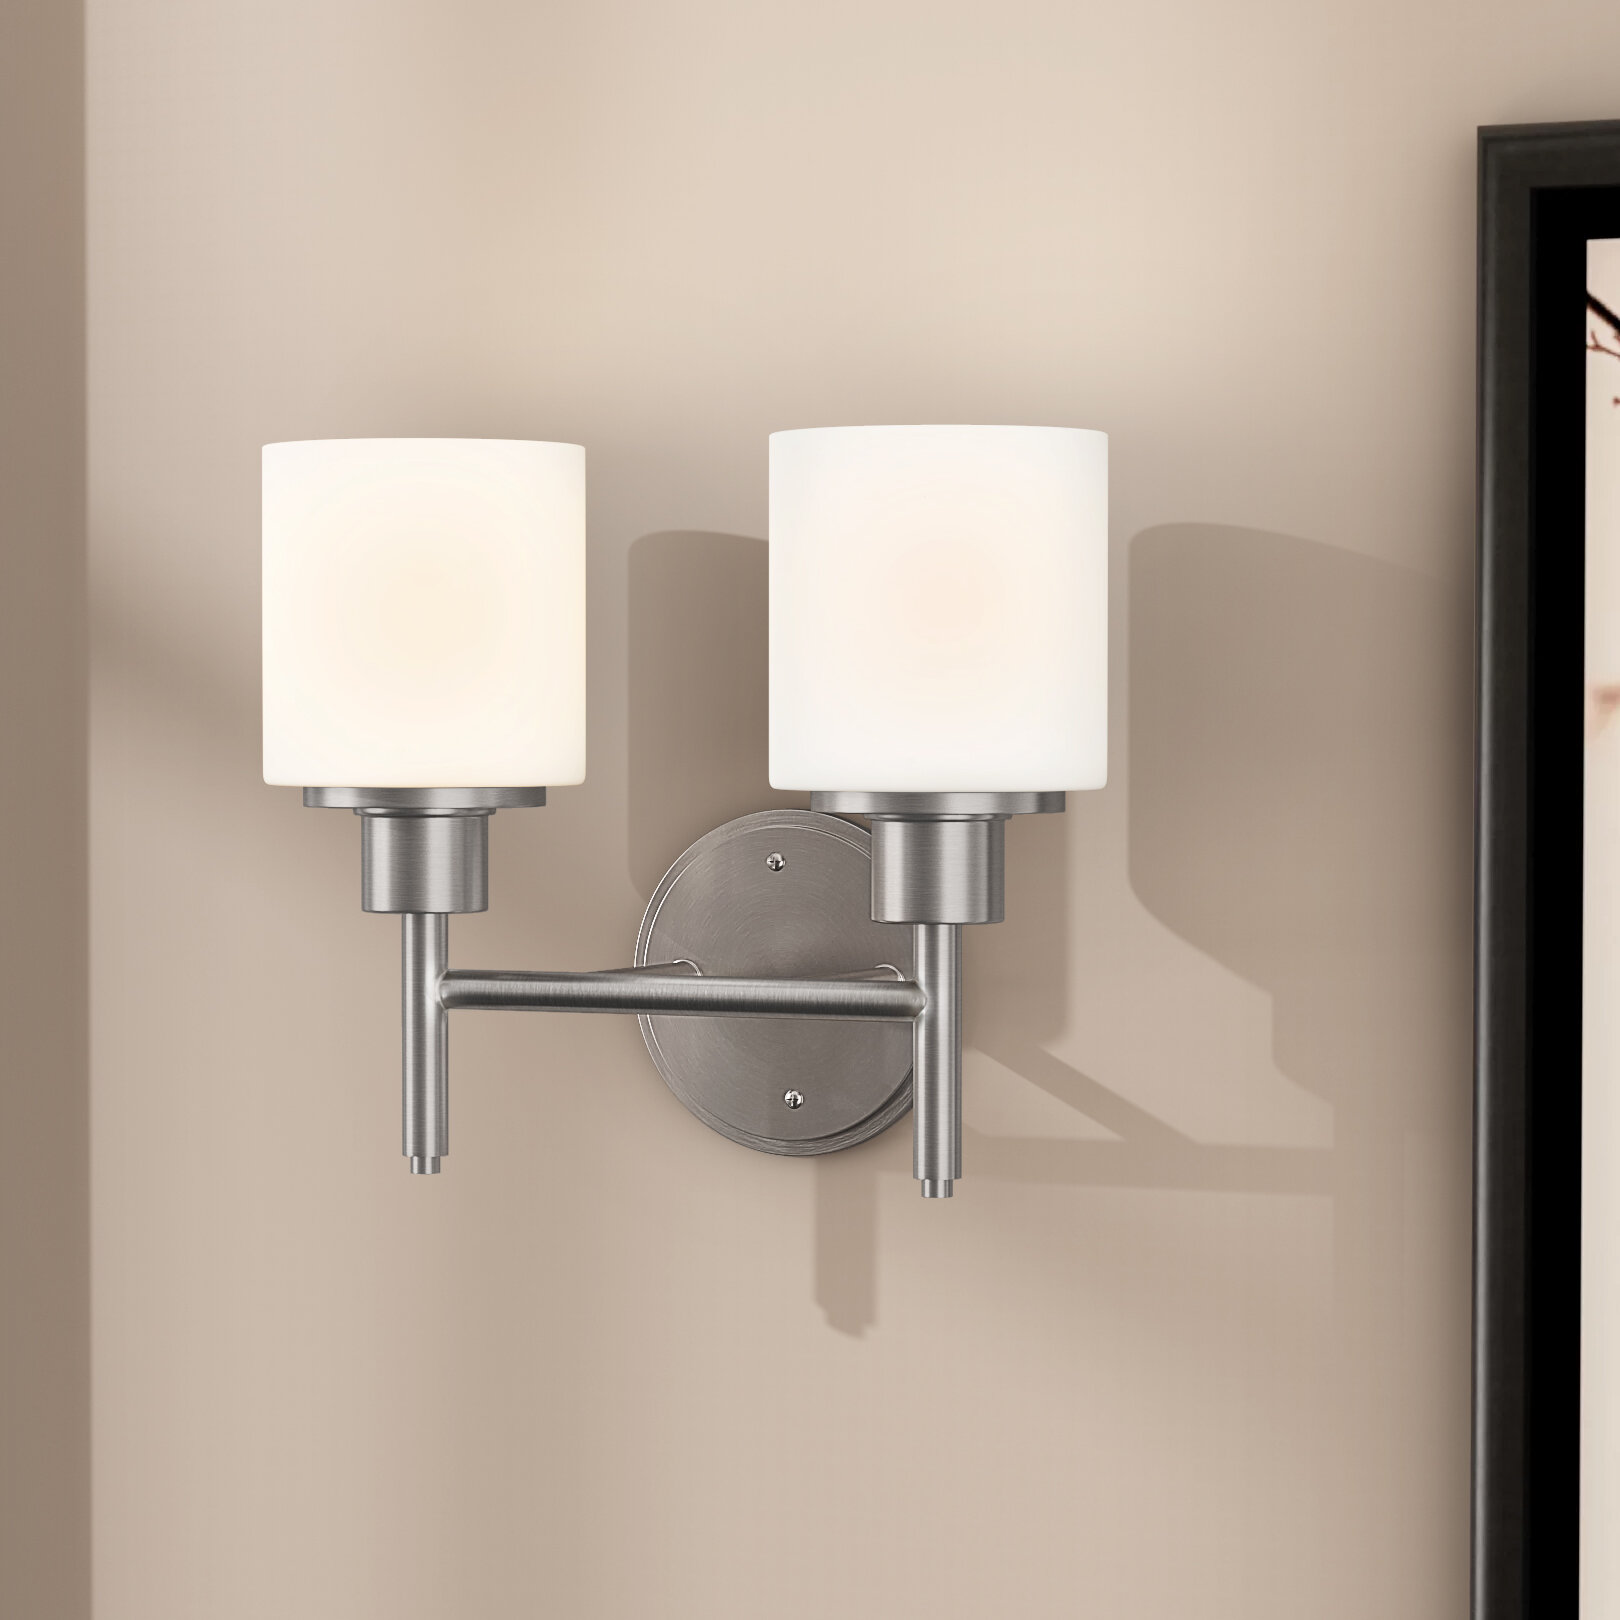 Zipcode design buckleys 2 light wall light reviews wayfair